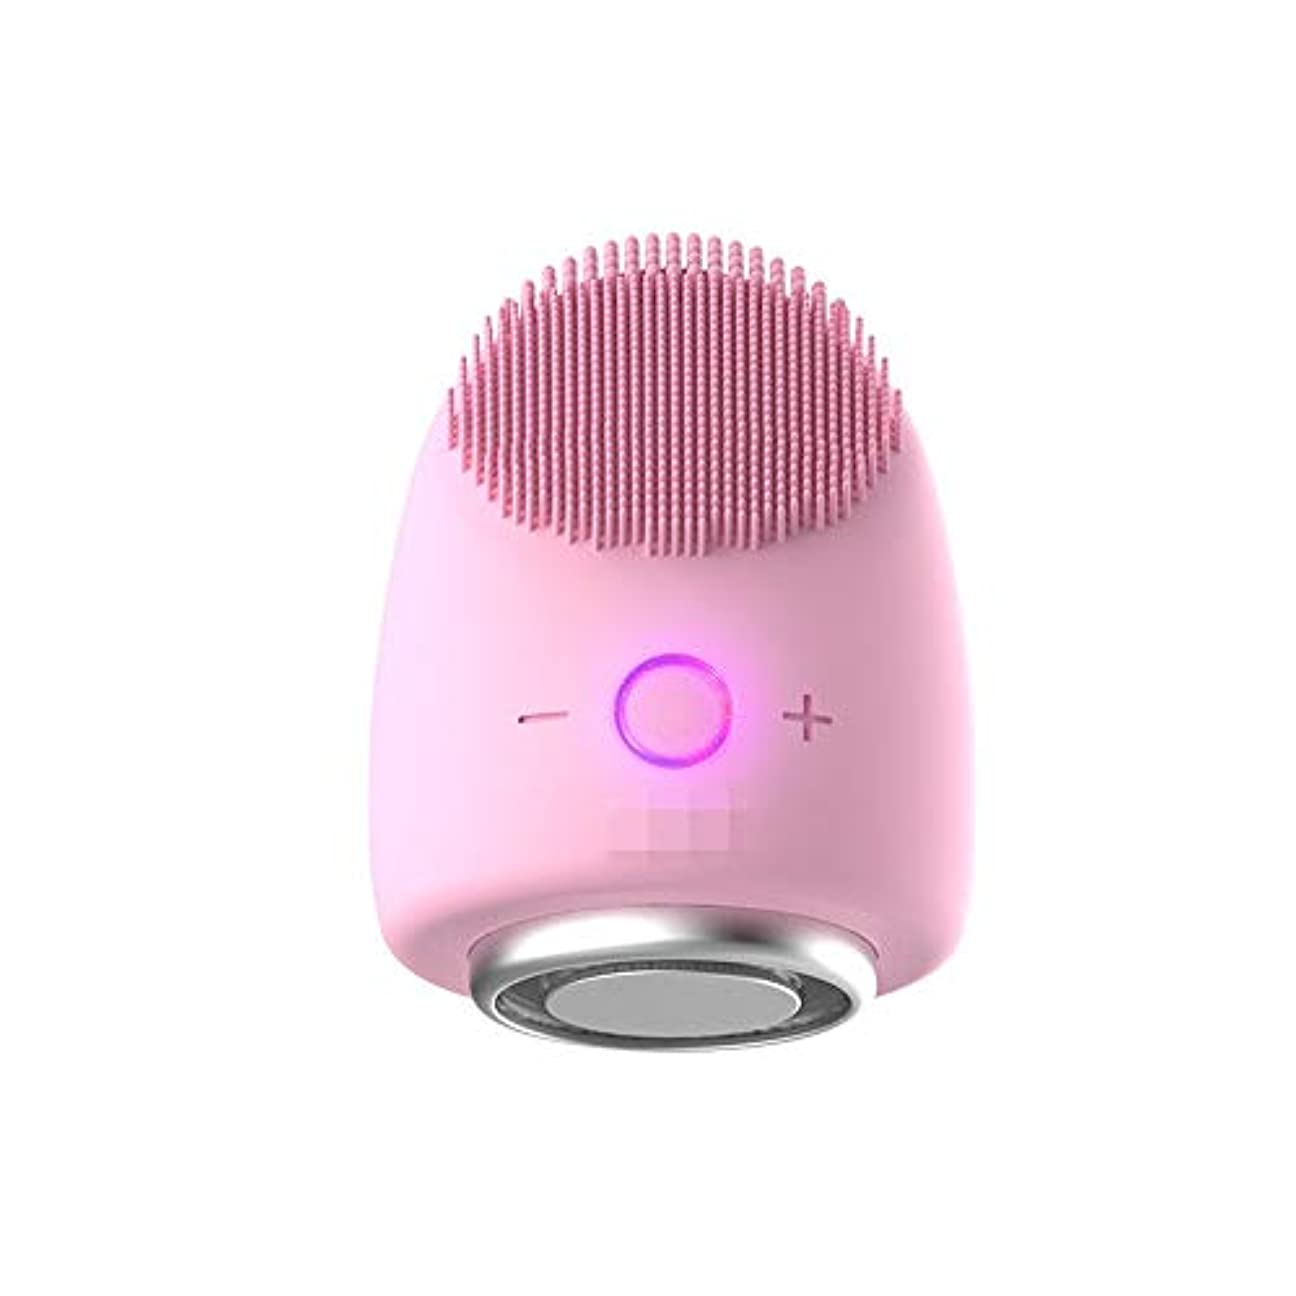 糸印刷する火山のChaopeng 多機能美容器具洗浄器具導入器具凝縮ホットドレッシング肌活性化器具 (Color : ピンク)